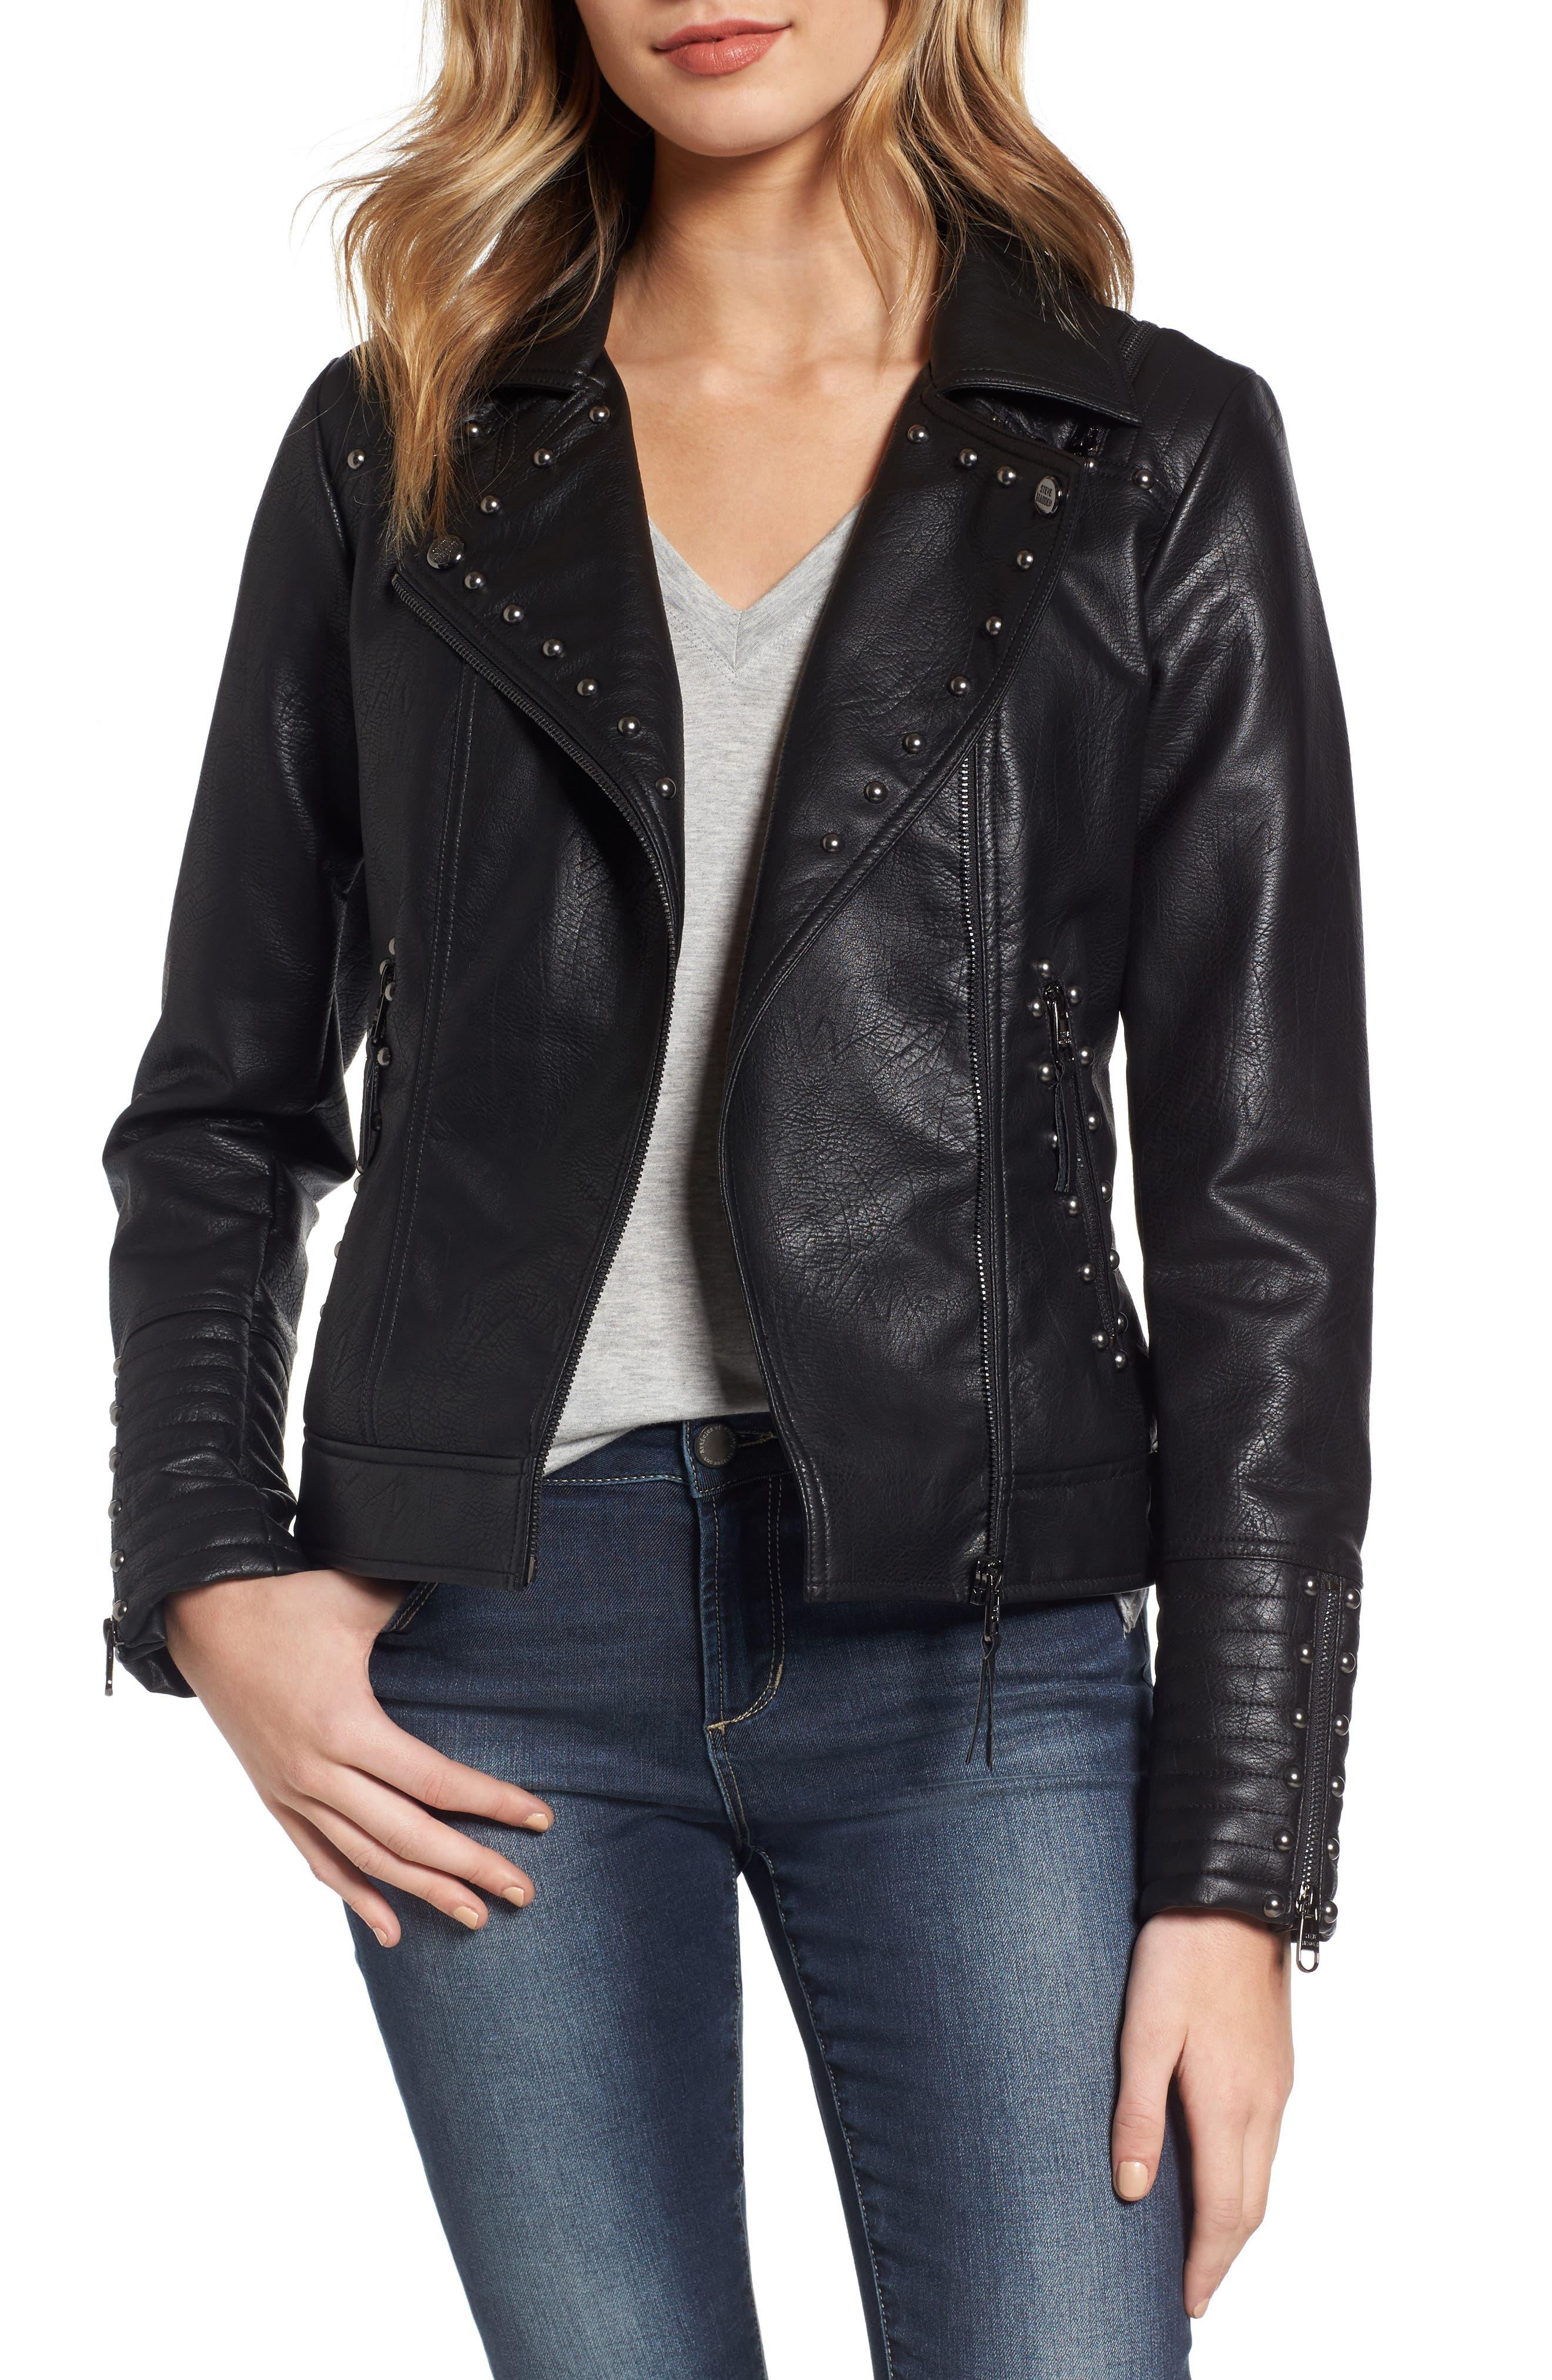 STEVE MADDEN Studded Faux Leather Biker Jacket